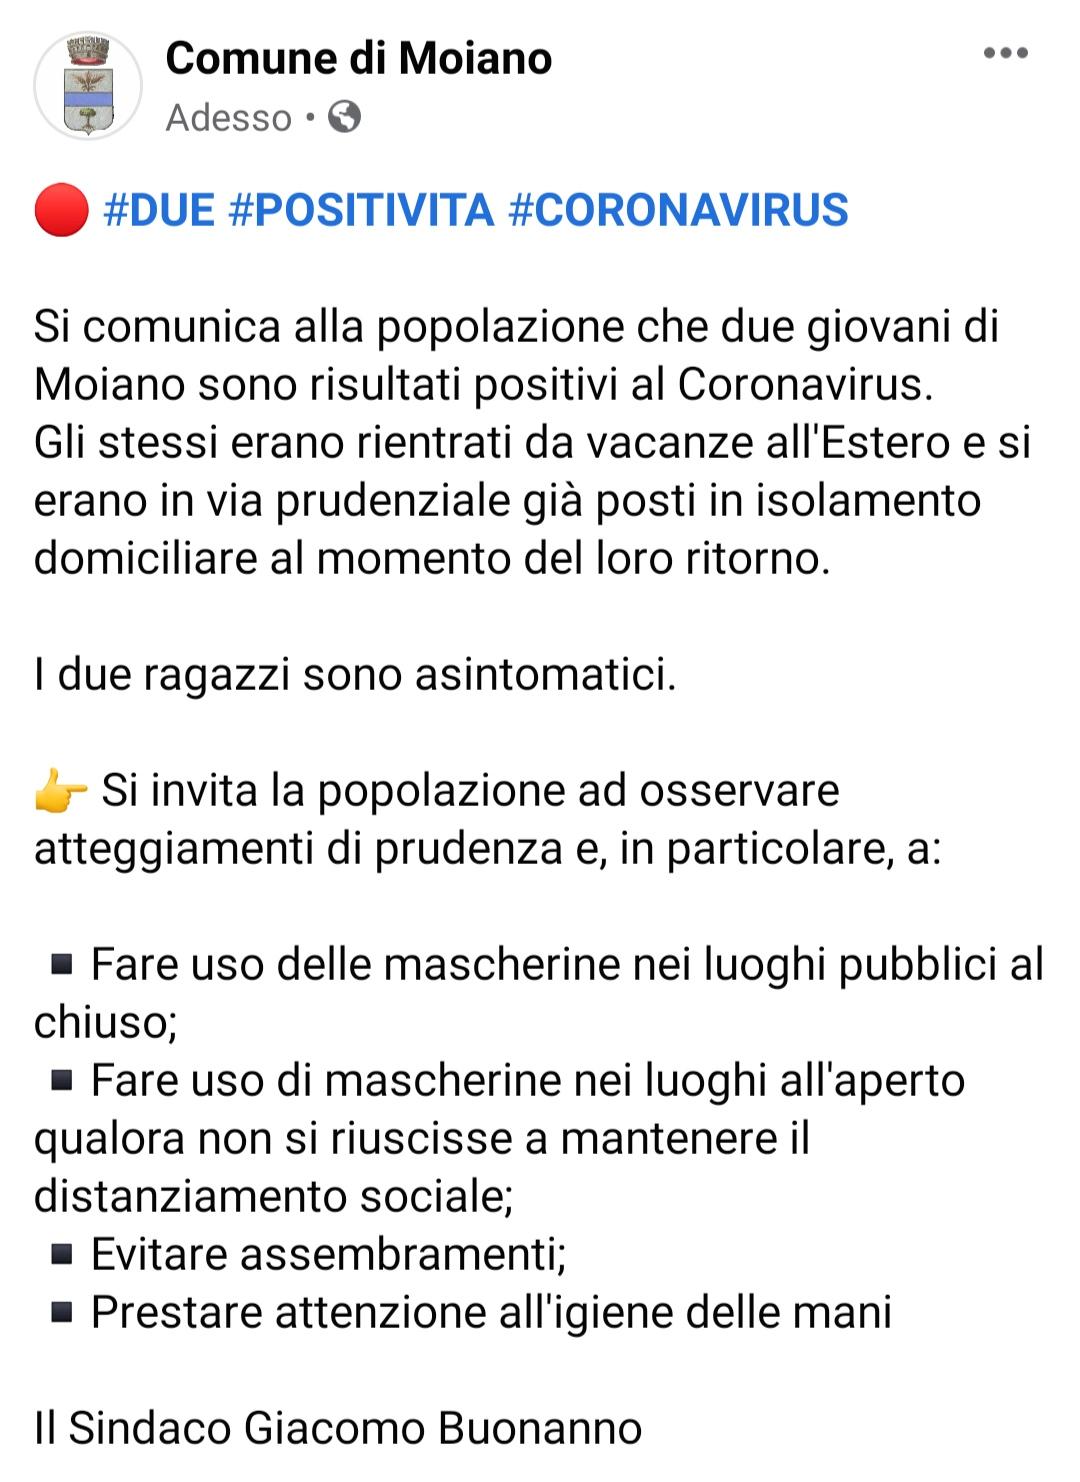 Moiano, due positività al Coronavirus